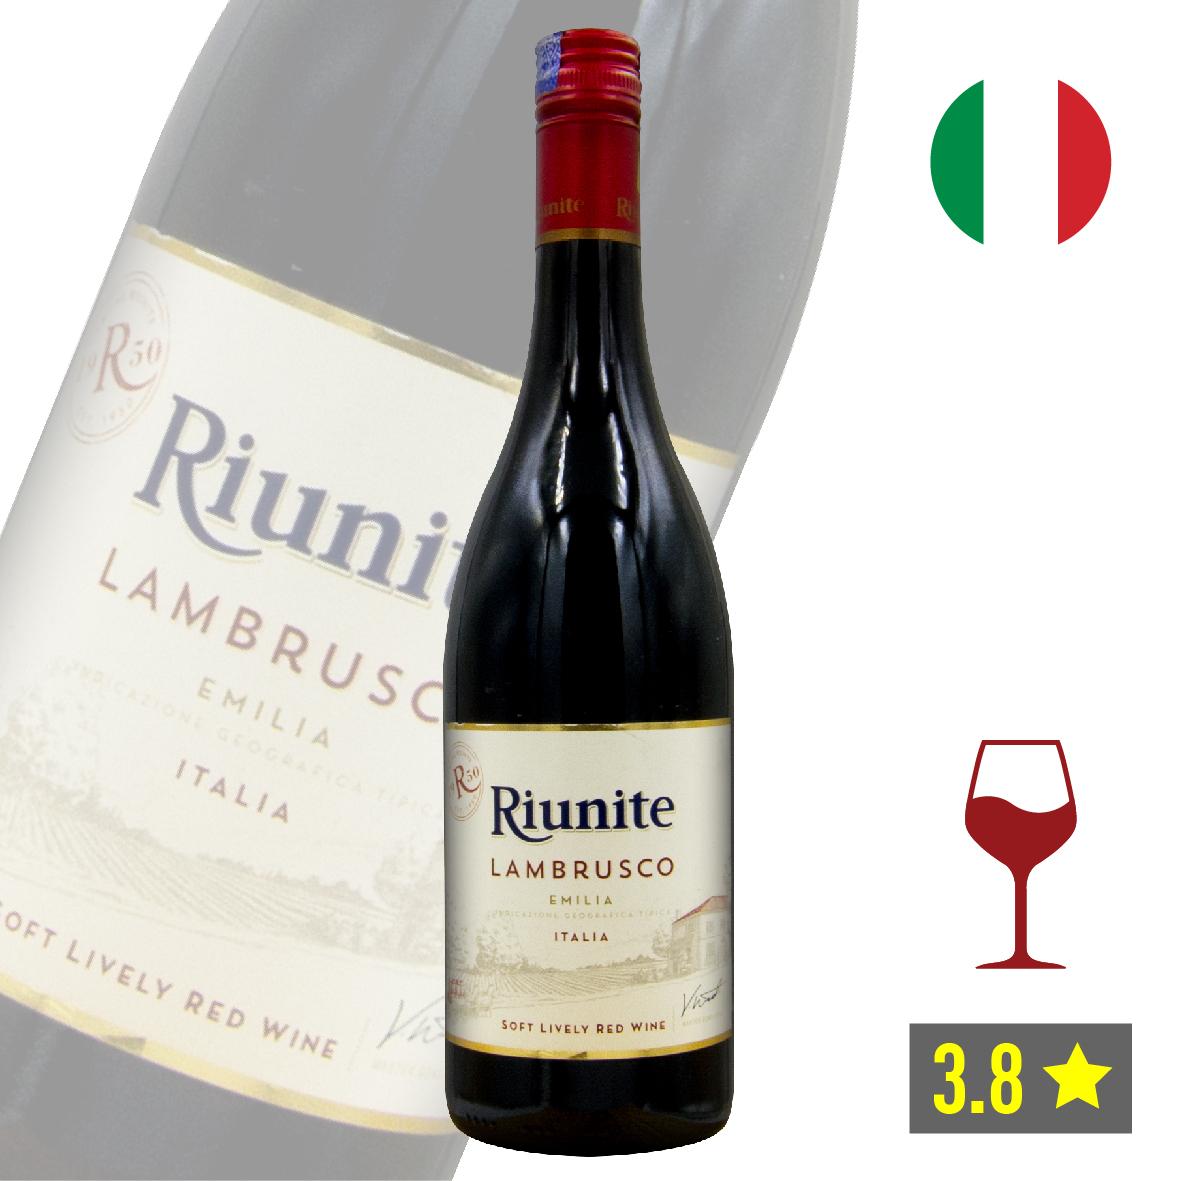 11-Riunite Lambrusco Emilia-Italy-01.jpg